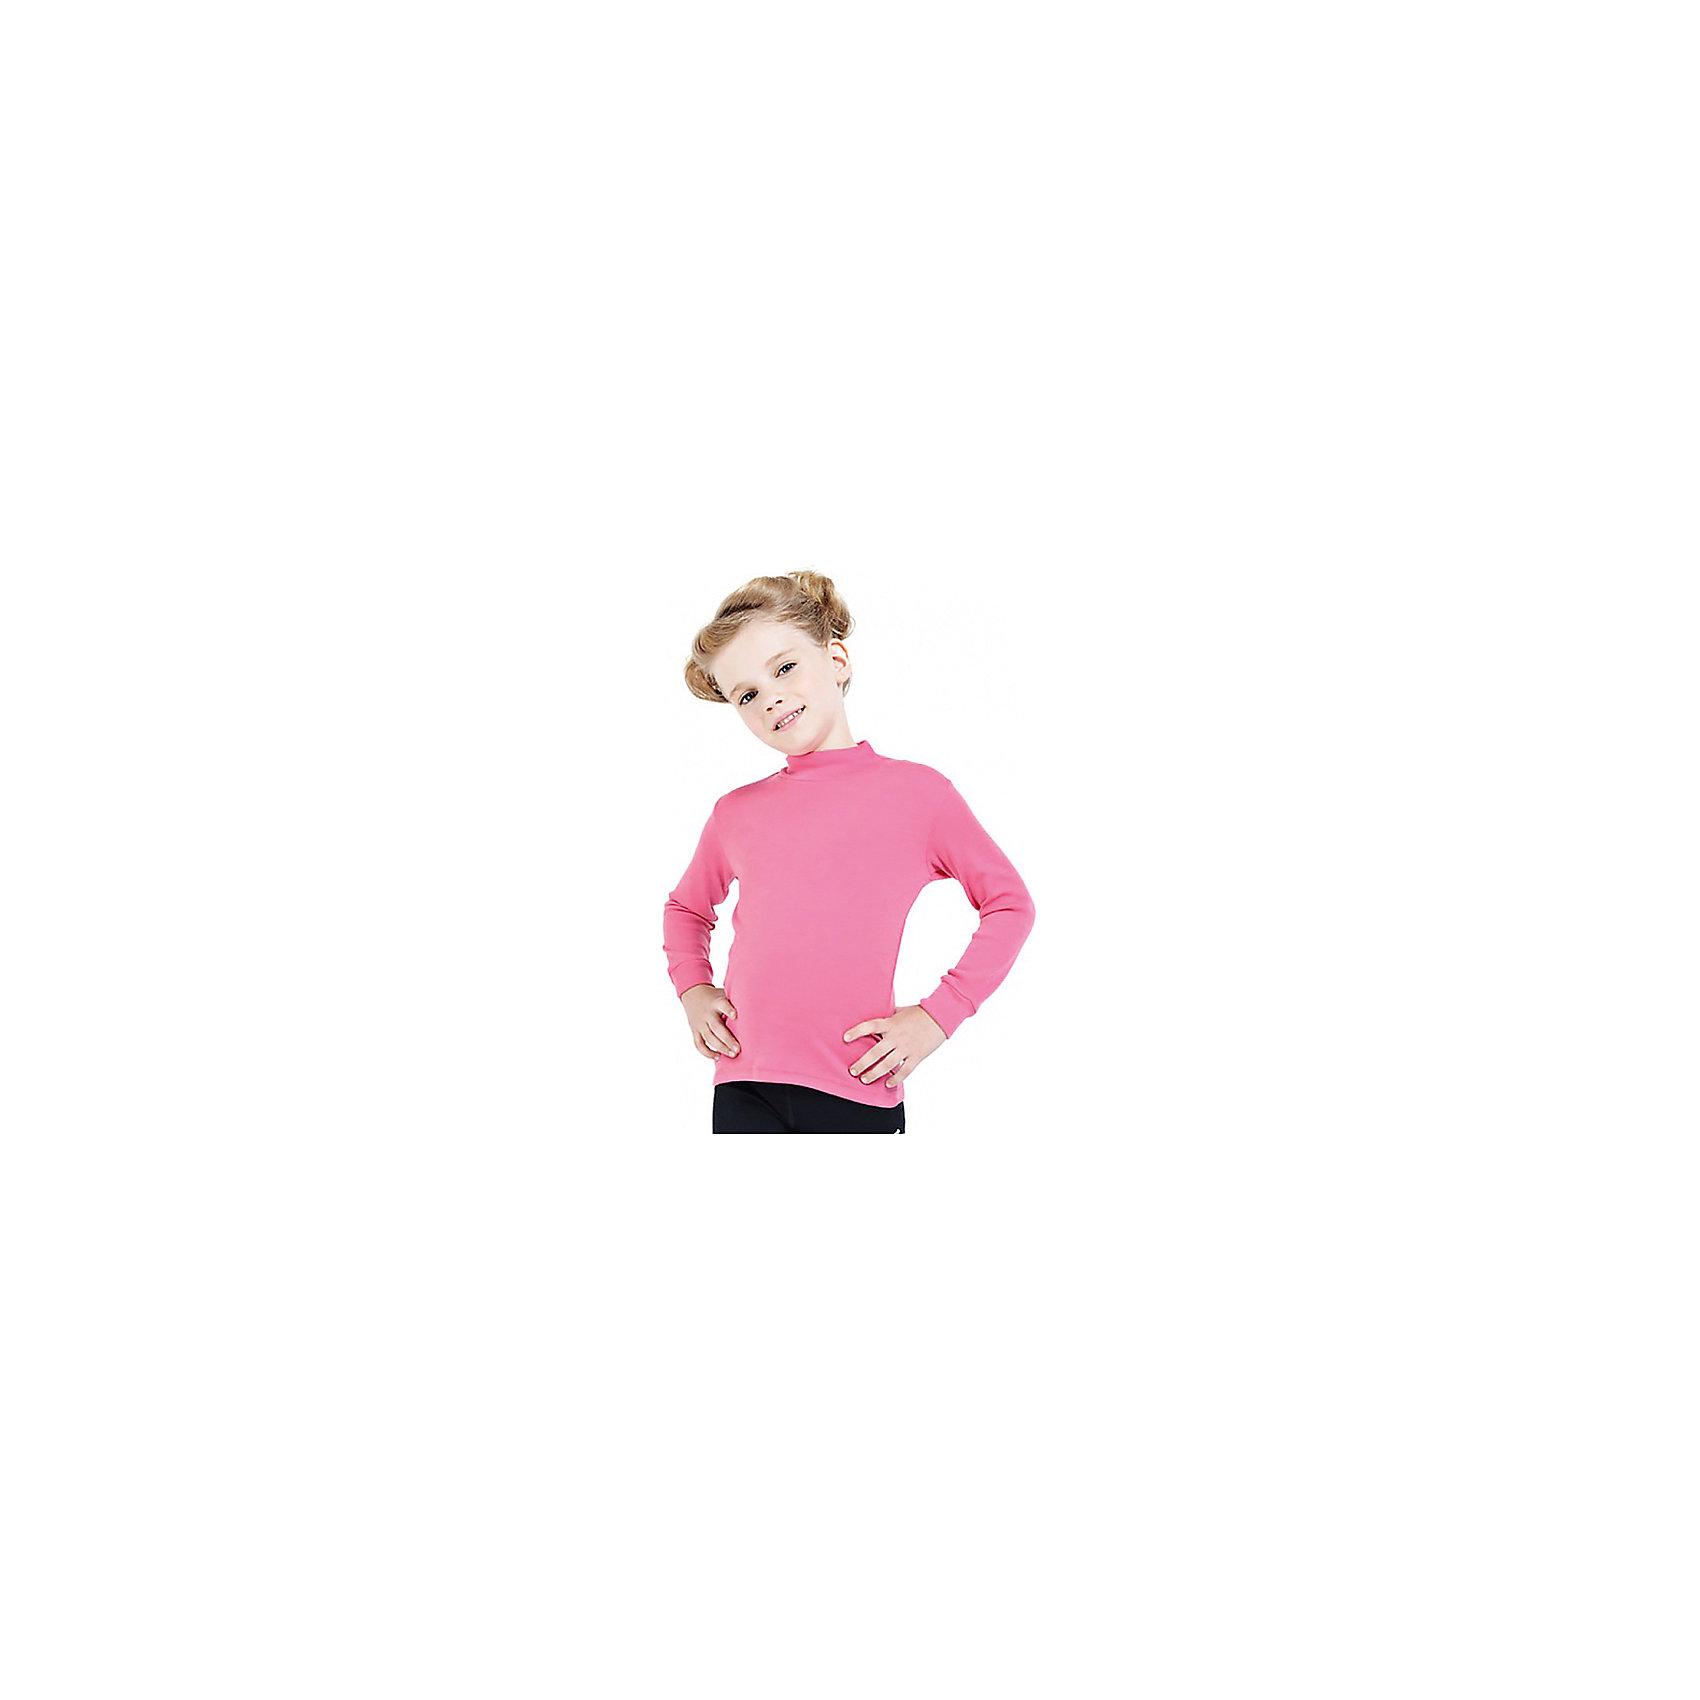 Футболка с длинным рукавом для девочки NorvegФутболка с длинным рукавом от известного бренда Norveg.<br><br>Футболка с длинным рукавом от немецкой компании Norveg (Норвег) - это удобная и красивая одежда, которая обеспечит комфортную терморегуляцию тела и на улице, и в помещении. <br>Она сделана из шерсти мериноса (австралийской тонкорунной овцы), которая обладает гипоаллергенными свойствами, поэтому не вызывает раздражения, даже если надета на голое тело.<br><br>Отличительные особенности модели:<br><br>- цвет: розовый;<br>- швы плоские, не натирают и не мешают движению;<br>- анатомические резинки;<br>- материал впитывает влагу и сразу выводит наружу;<br>- анатомический крой;<br>- не мешает под одеждой.<br><br>Дополнительная информация:<br><br>- Температурный режим: от +5° С до +20° С.<br><br>- Состав: 100% шерсть мериноса<br><br>Футболка с длинным рукавом Norveg (Норвег) можно купить в нашем магазине.<br><br>Ширина мм: 230<br>Глубина мм: 40<br>Высота мм: 220<br>Вес г: 250<br>Цвет: розовый<br>Возраст от месяцев: 96<br>Возраст до месяцев: 108<br>Пол: Женский<br>Возраст: Детский<br>Размер: 128/134,80,92,110,116,128<br>SKU: 4234660